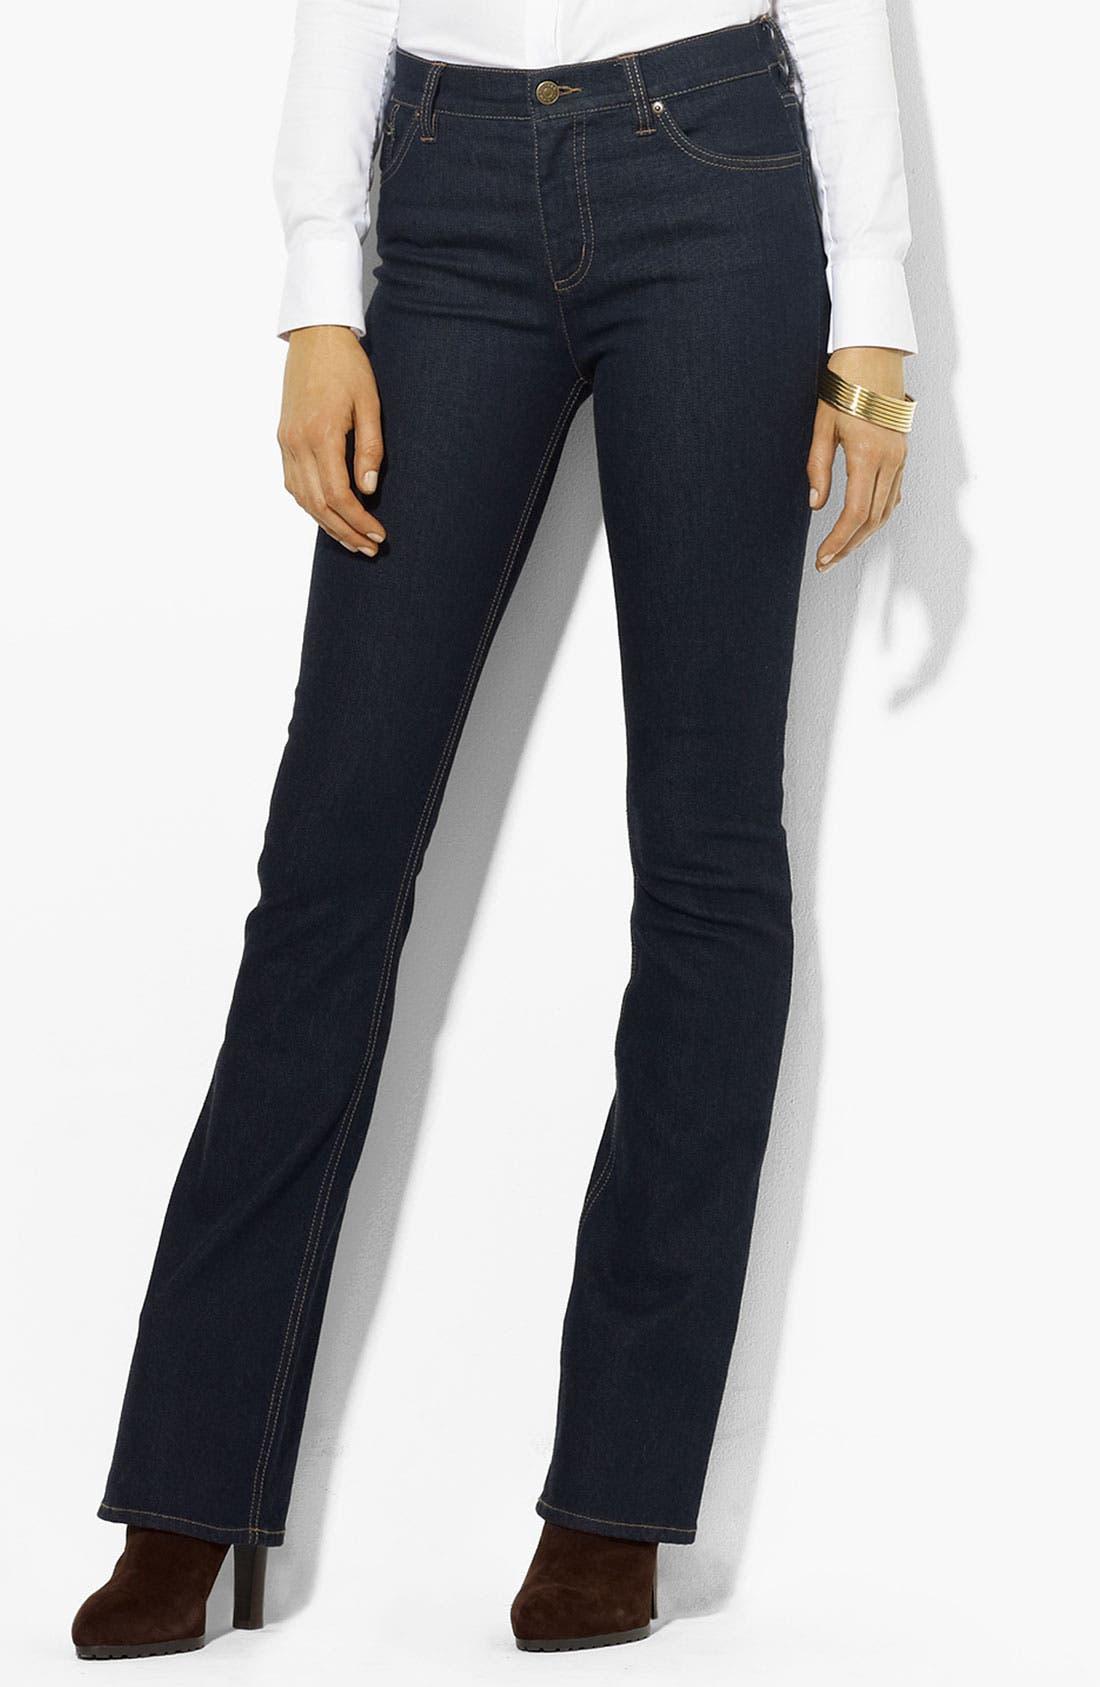 Main Image - Lauren Ralph Lauren Slimming Bootcut Jeans (Petite) (Online Only)